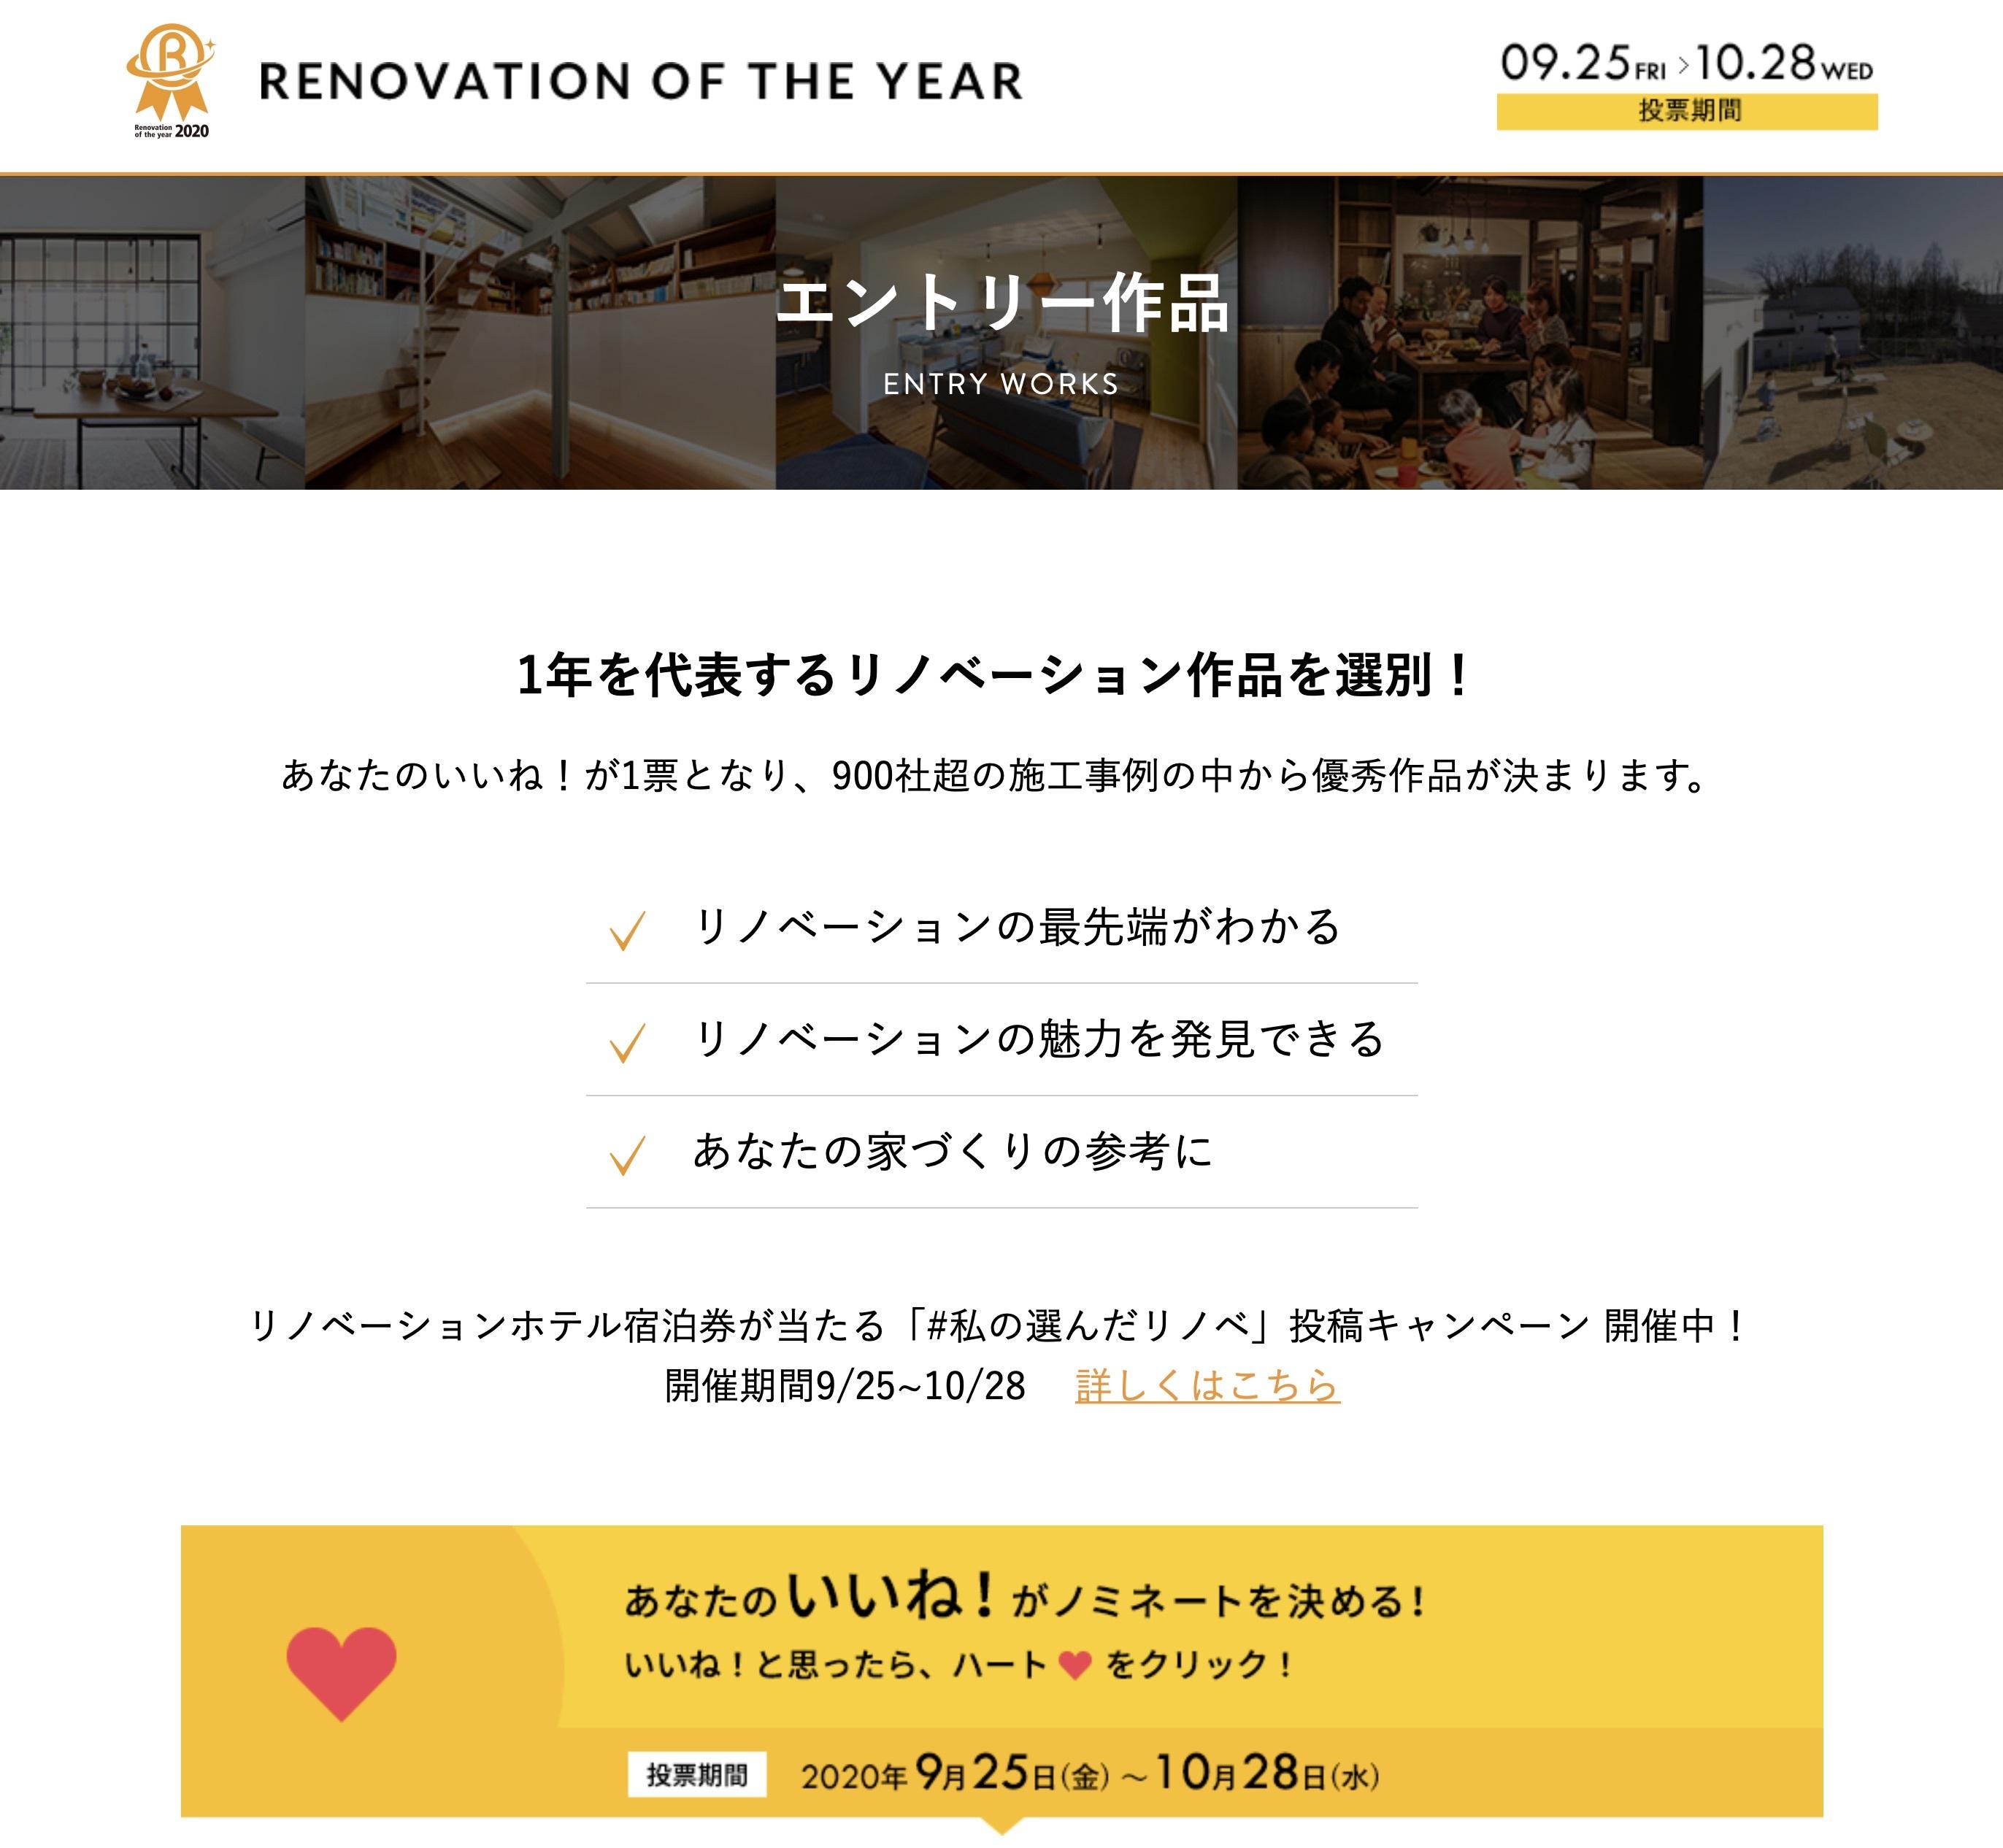 リノベーション・オブ・ザ・イヤー2020